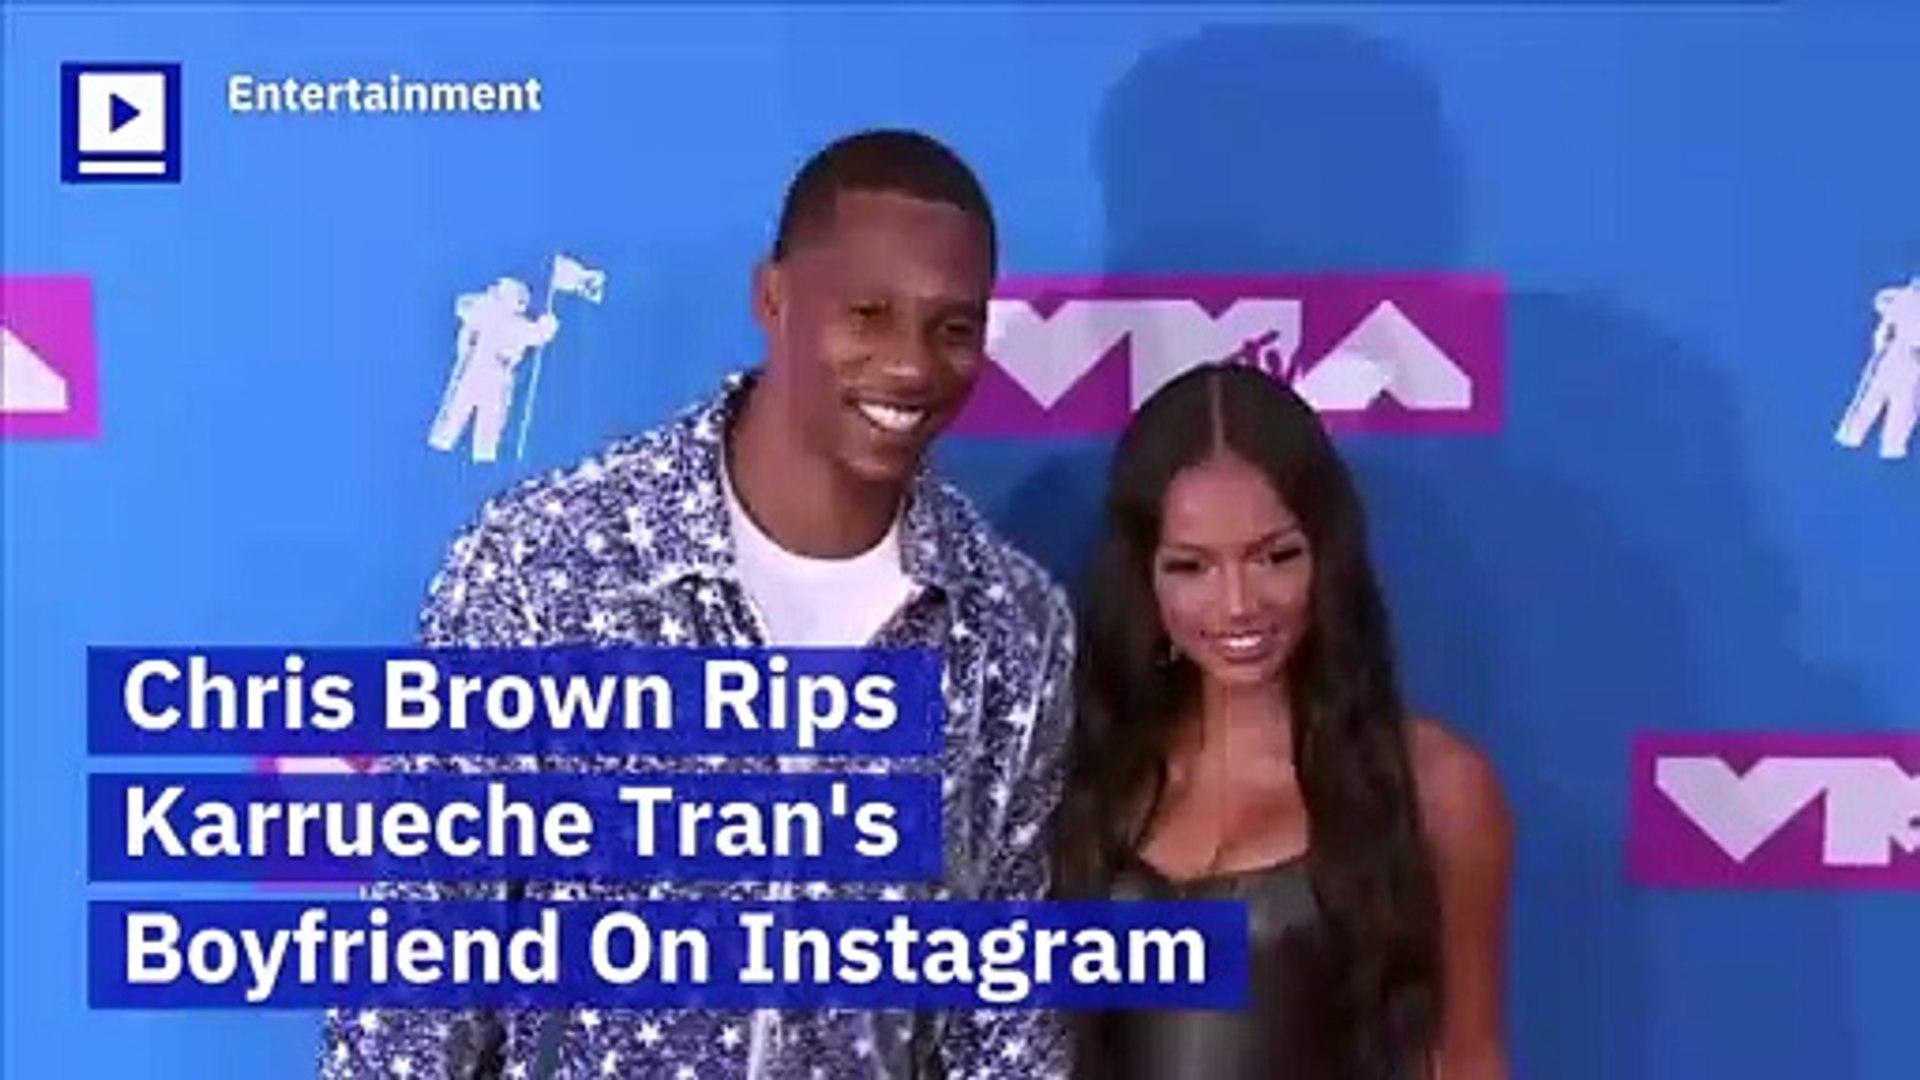 Chris Brown dating karrueche Online Dating Dating